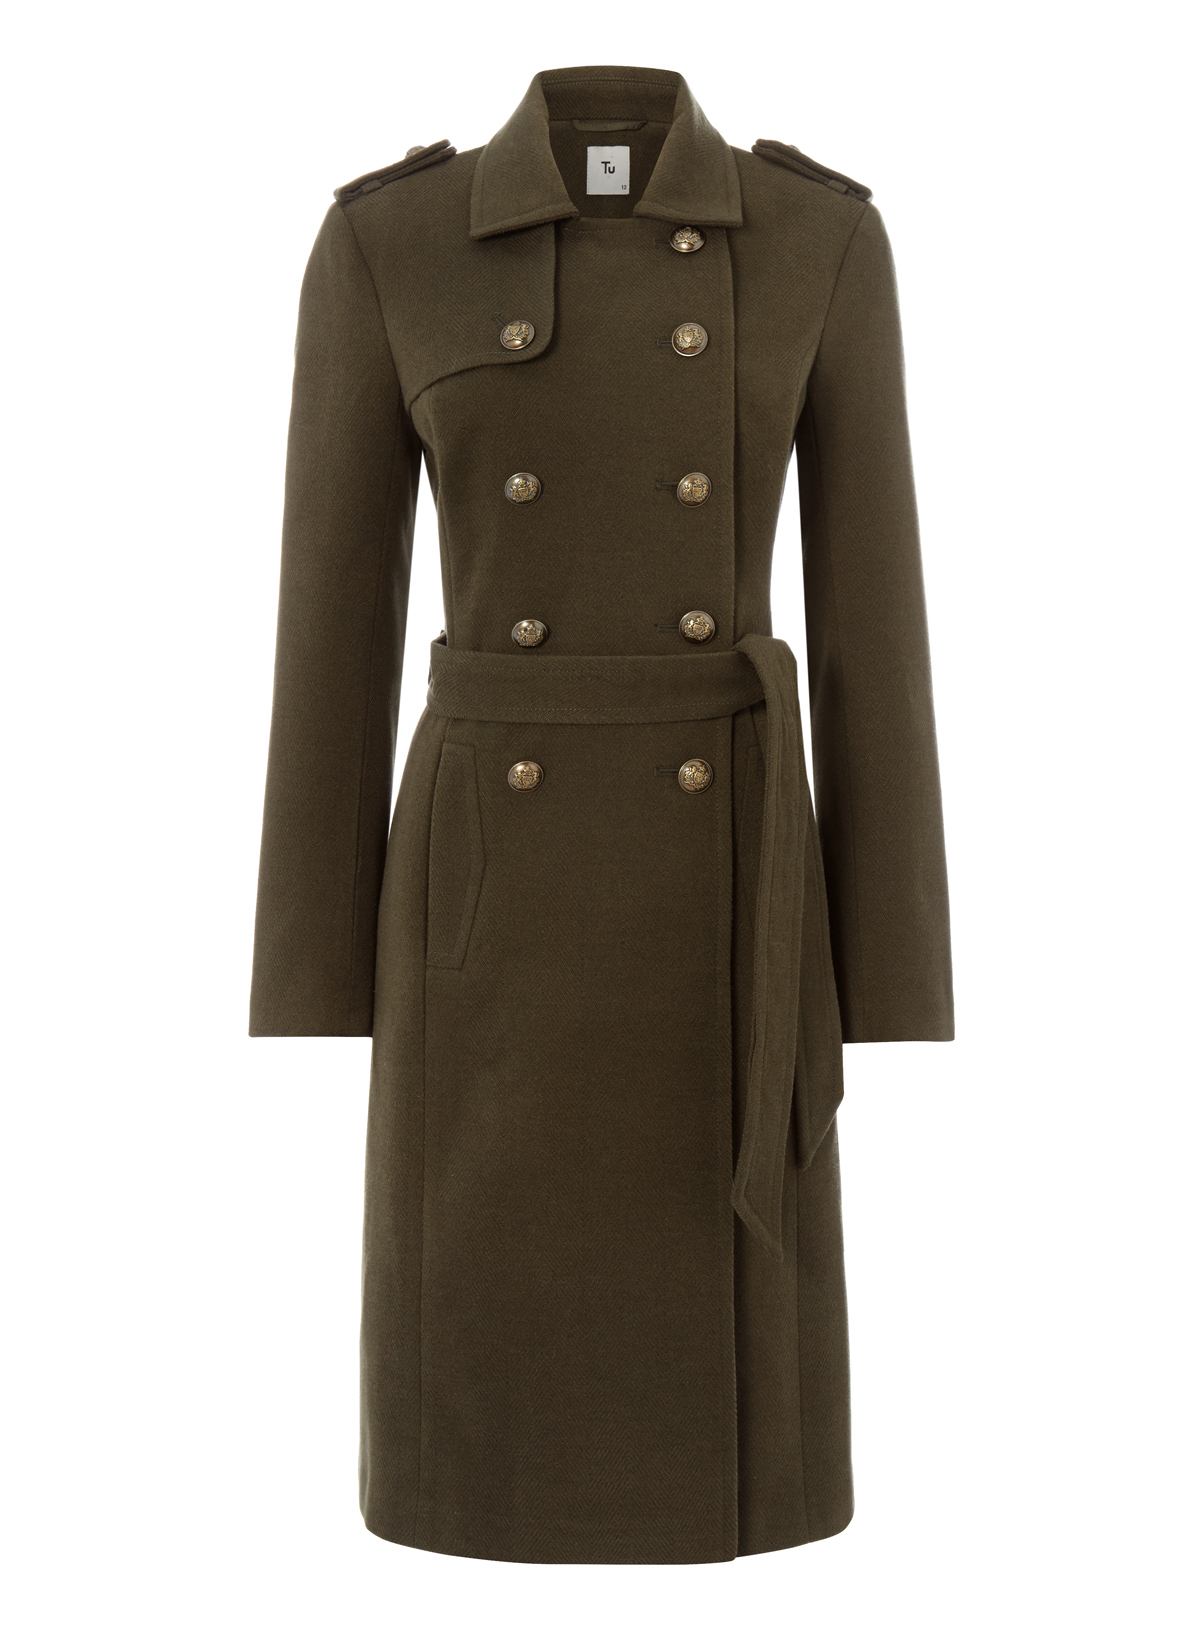 Womens Khaki Belted Military Coat | Tu clothing